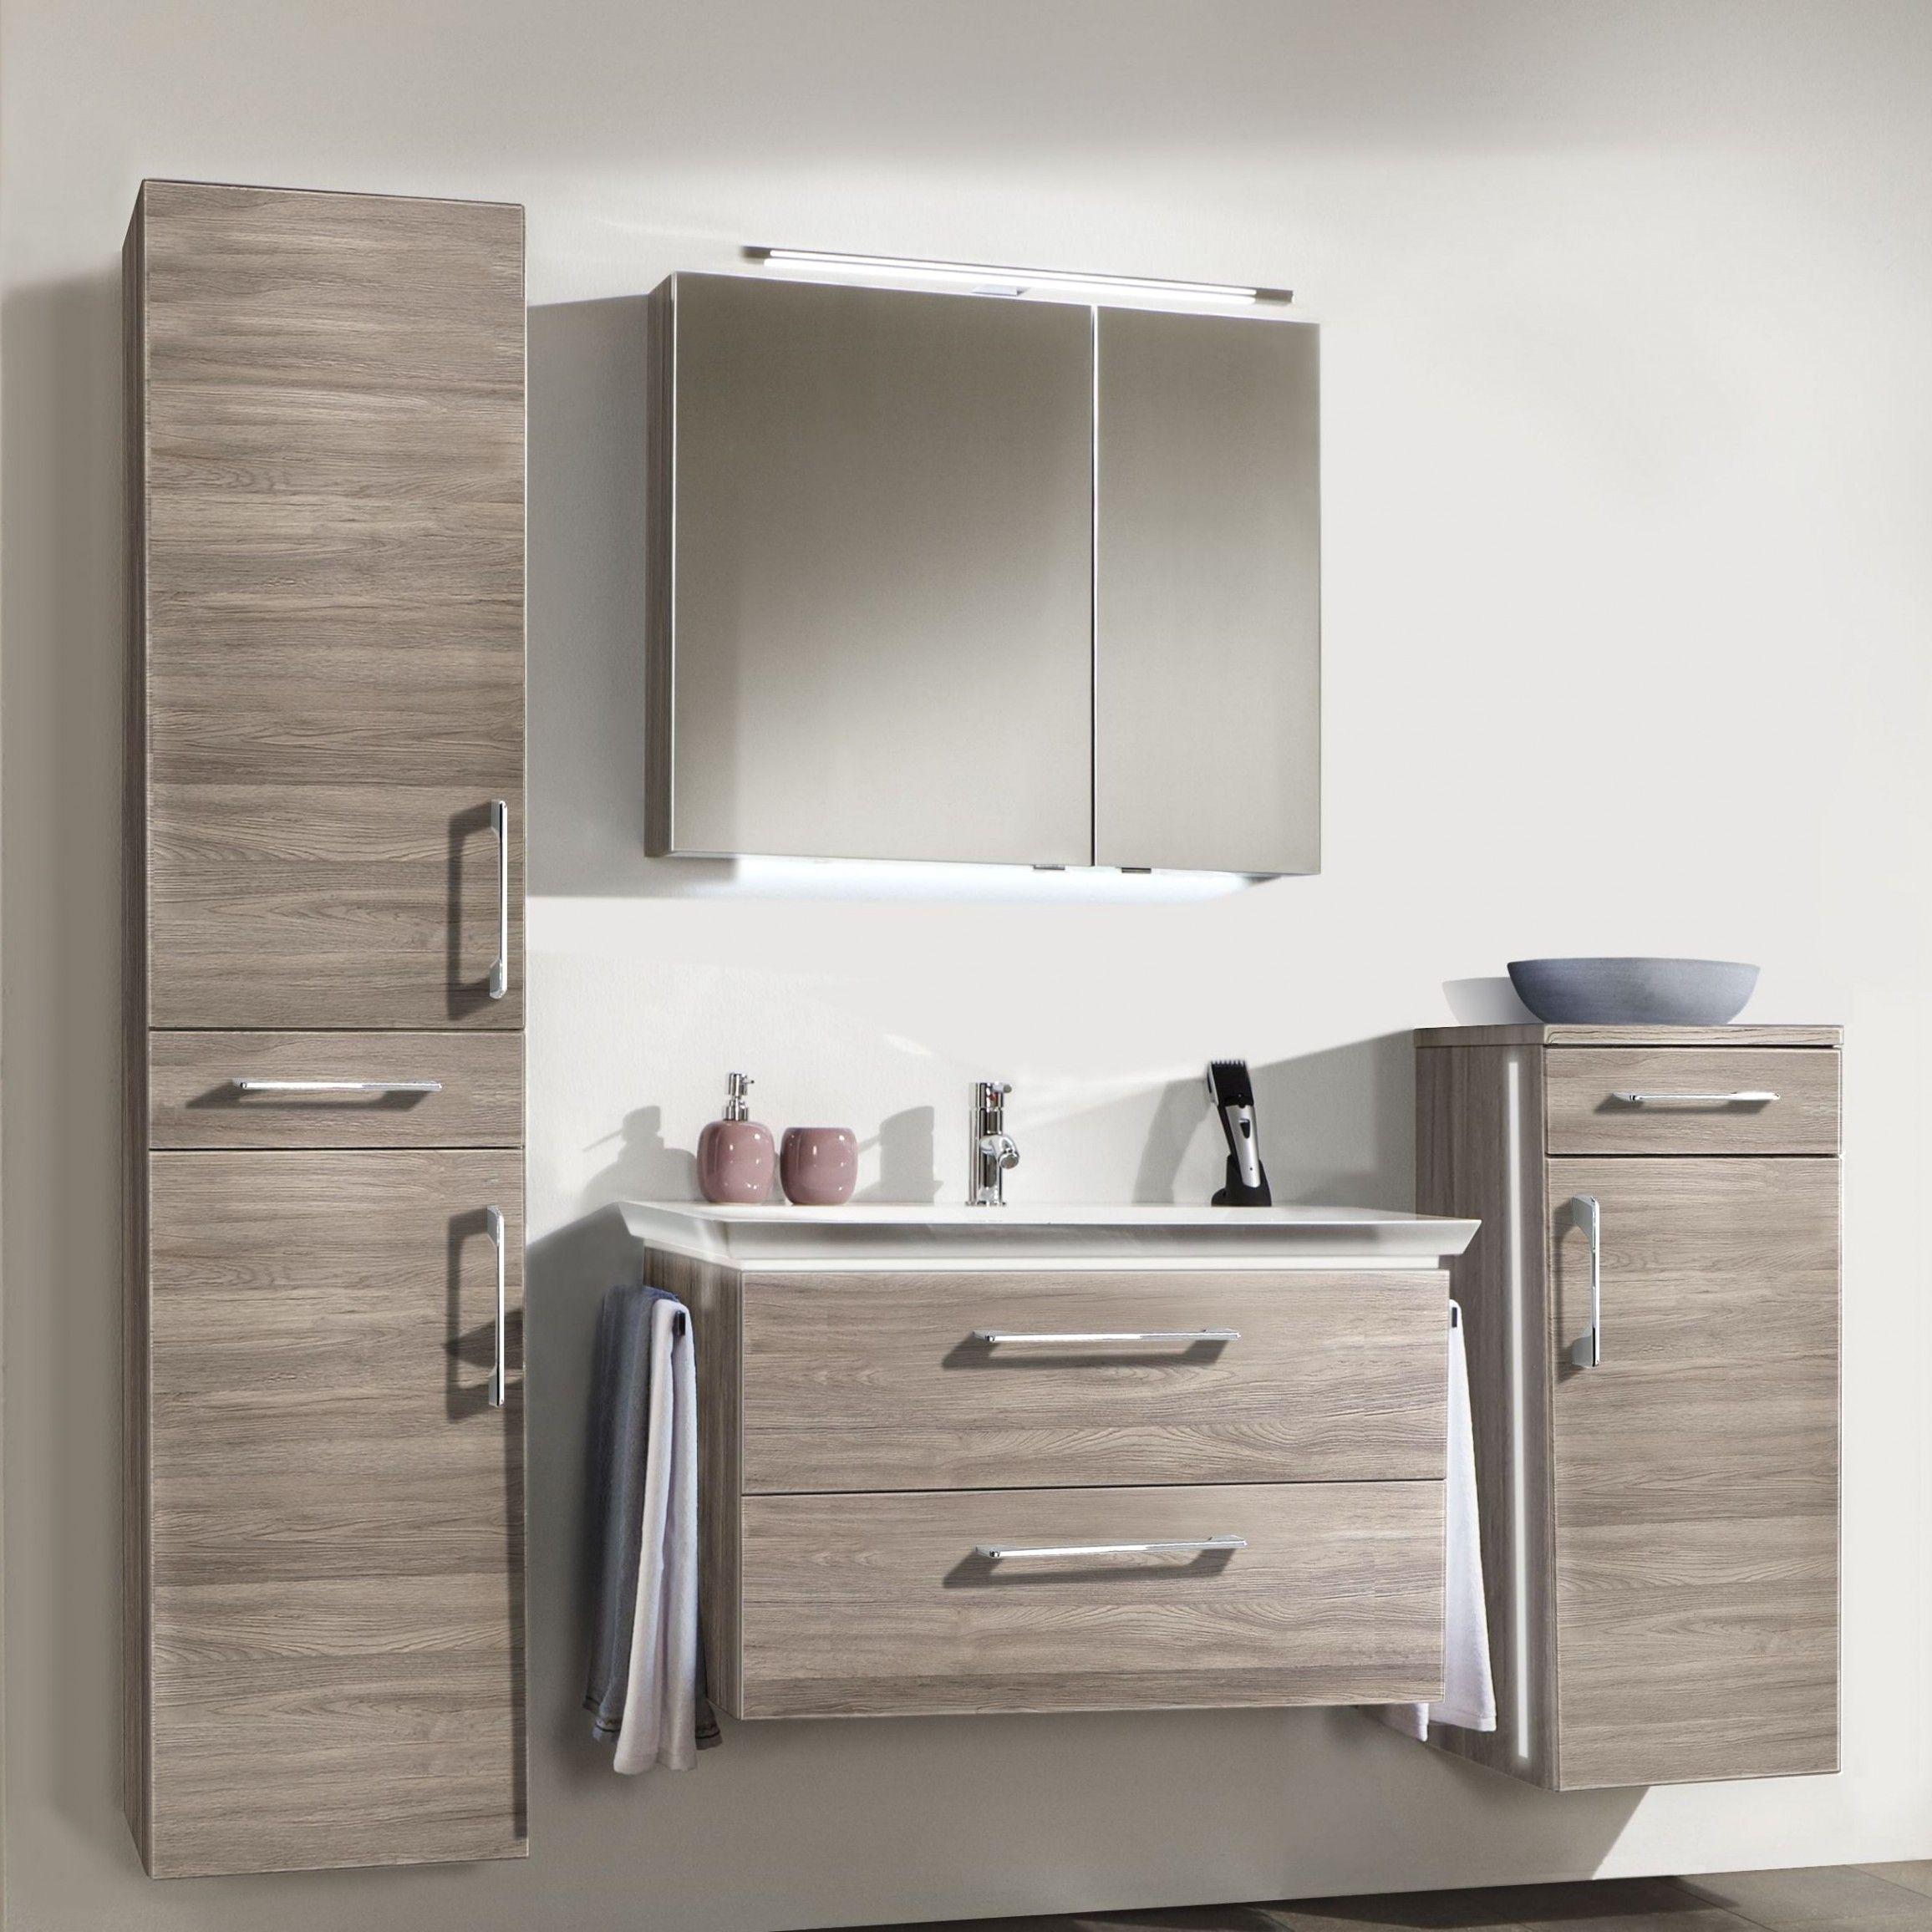 10 Experte Bilder Von Deko Hangend Wohnzimmer In 2020 Badezimmer Schrank Zimmer Wohnzimmer Wohnzimmer